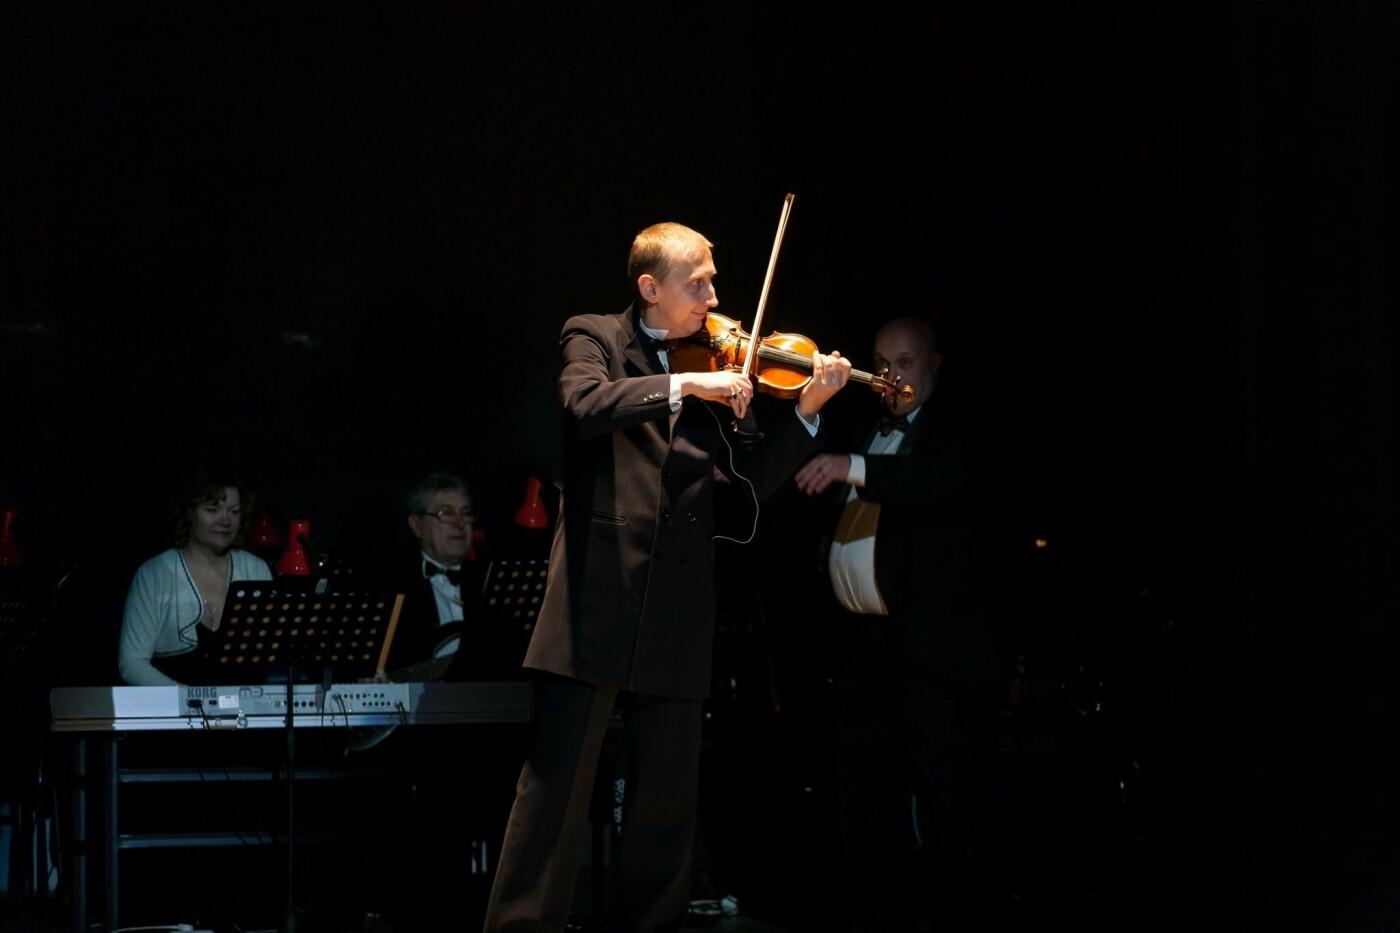 Скрипачу из Каменского присвоили звание заслуженного артиста Украины, фото-1